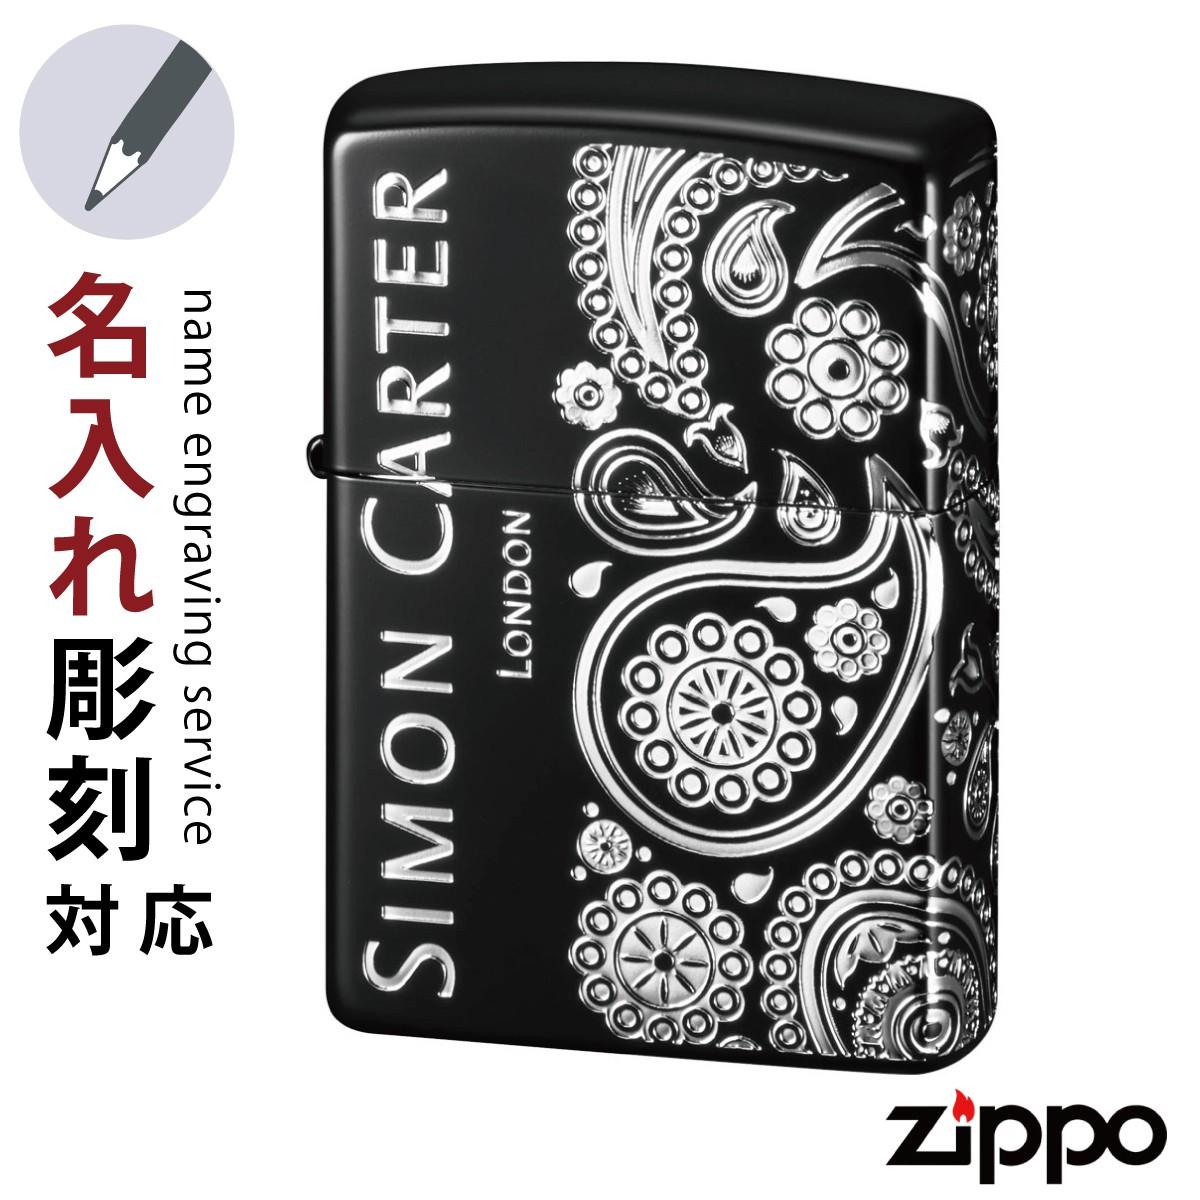 Zippo ジッポー 名入れ 彫刻 Zippoライター ジッポライター 200 サイモンカーター ペイズリーIBS2F 名入れ ギフト